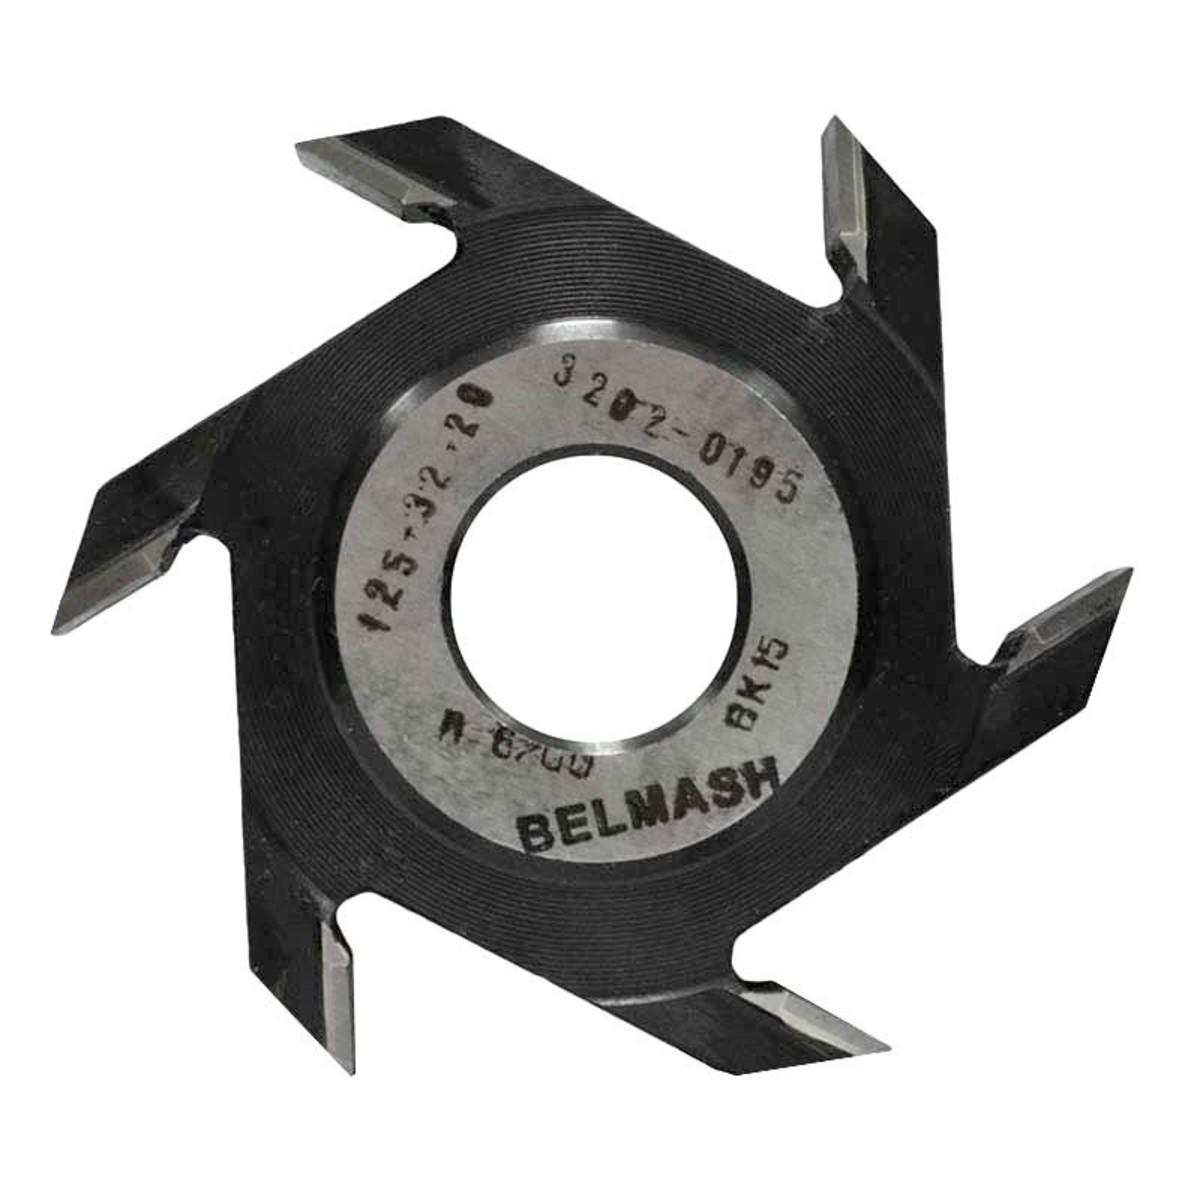 Фреза дисковая пазовая по дереву BELMASH 125x32x20 мм с тведосплавными напайками 6 зубьев